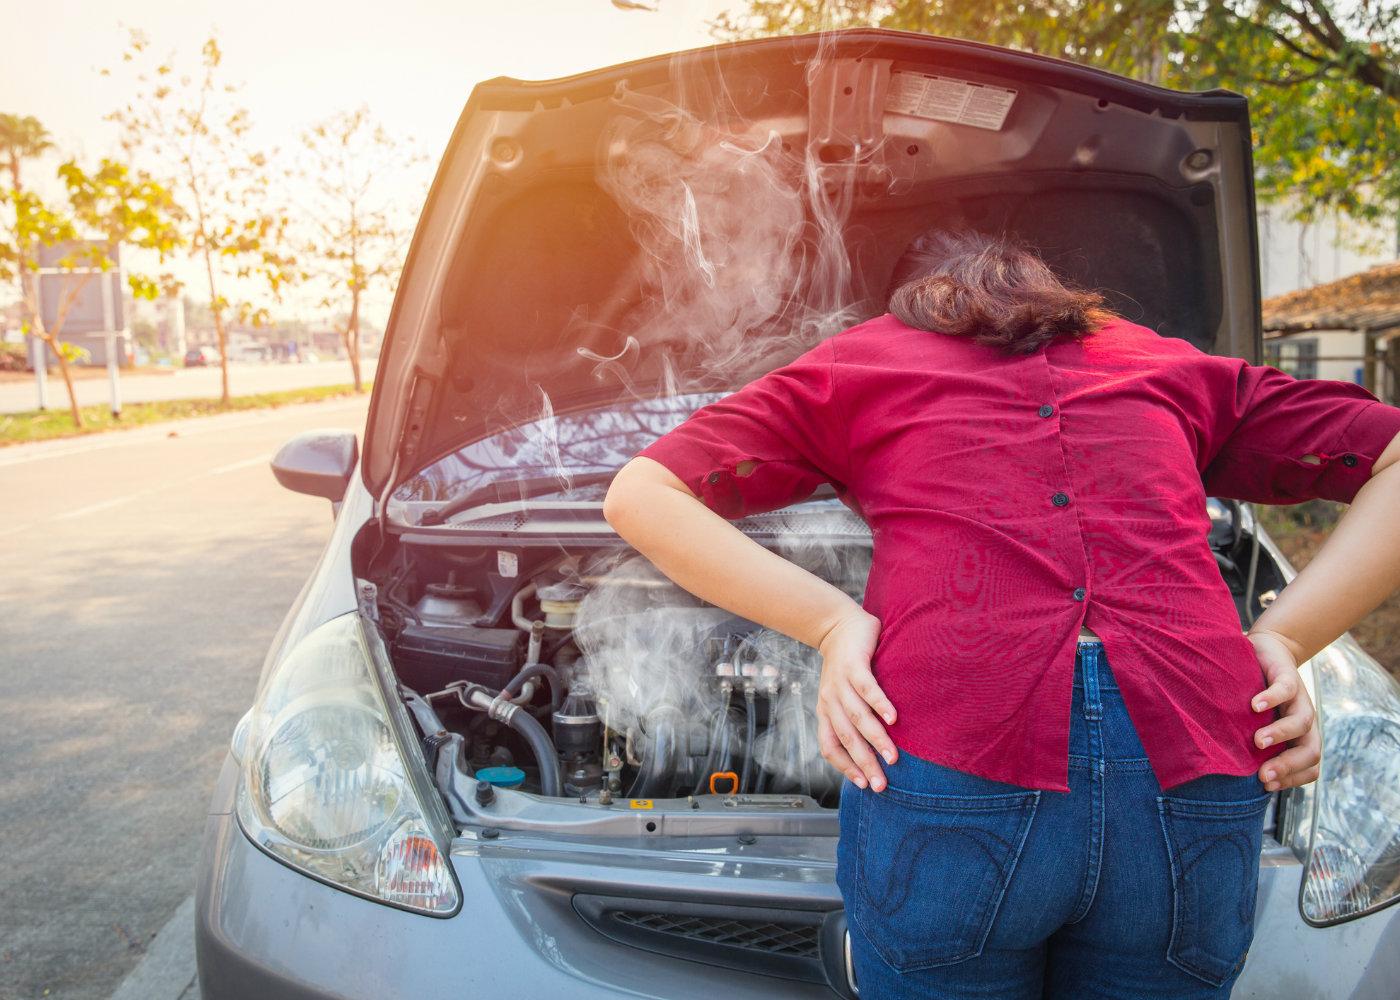 carro autocombustão